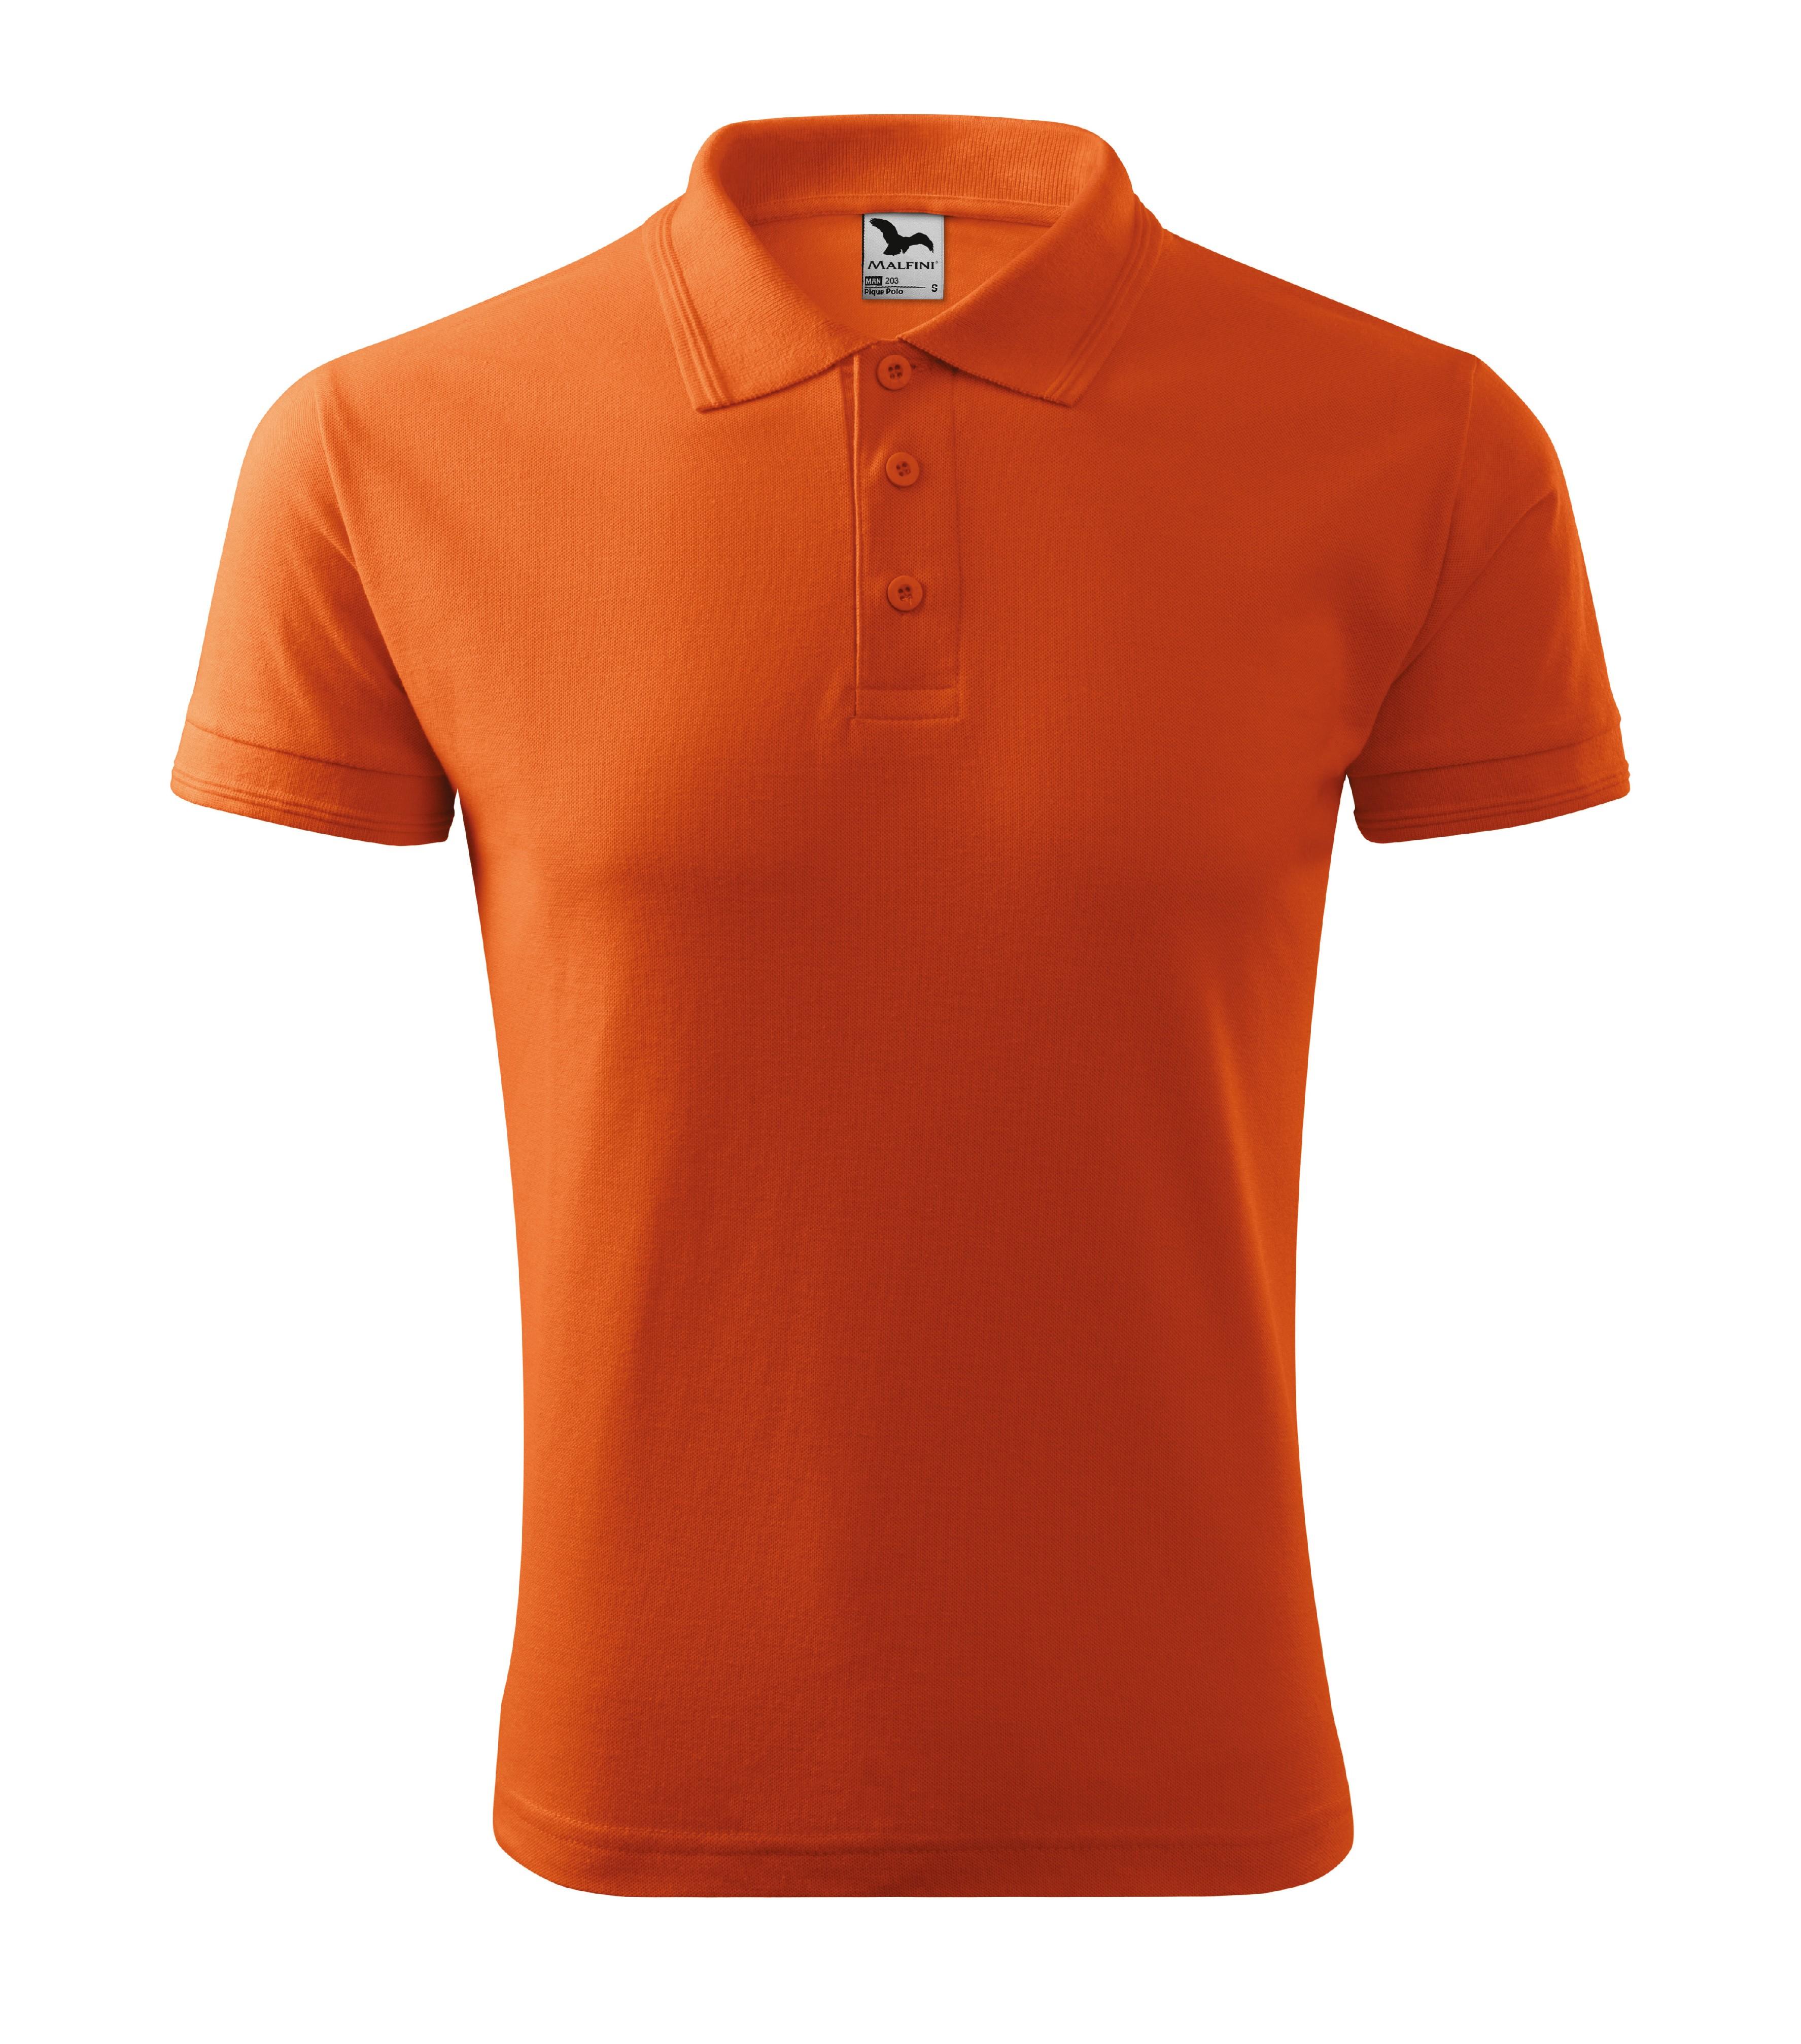 Polokošile pánská Pique Polo Barva: oranžová, Velikost: L